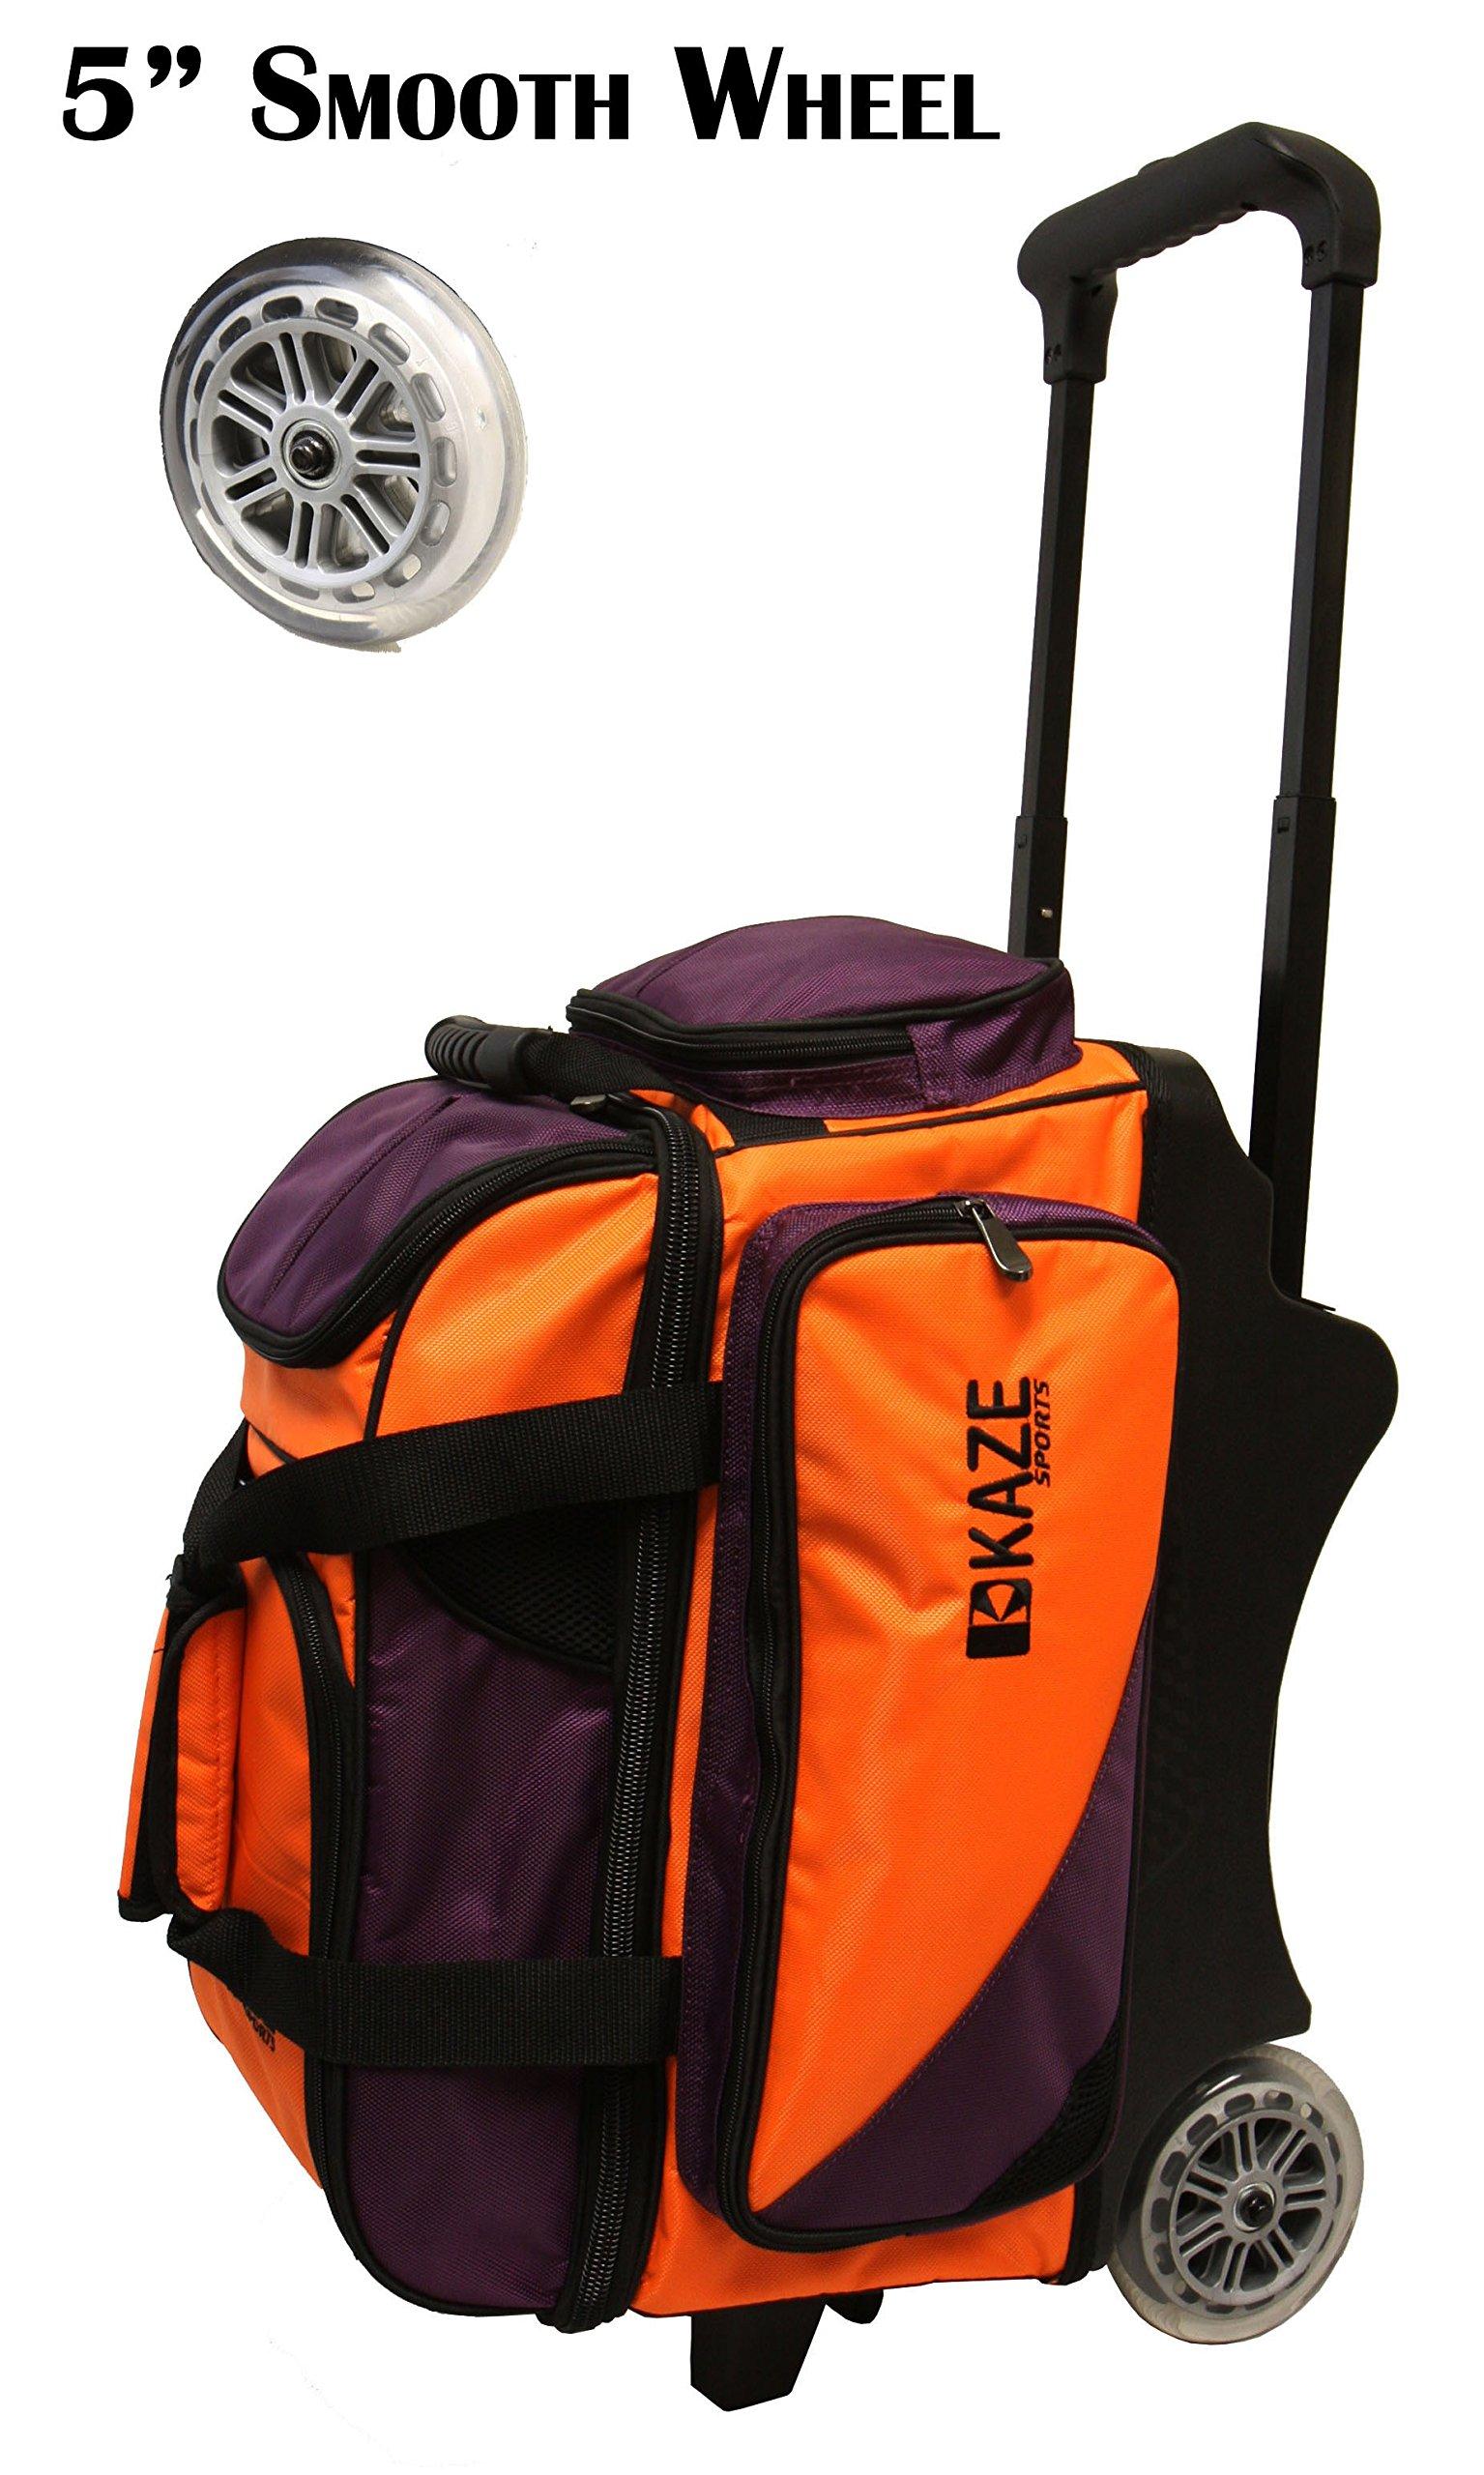 KAZE SPORTS 2 Ball Bowling Roller, Orange/Purple by KAZE SPORTS